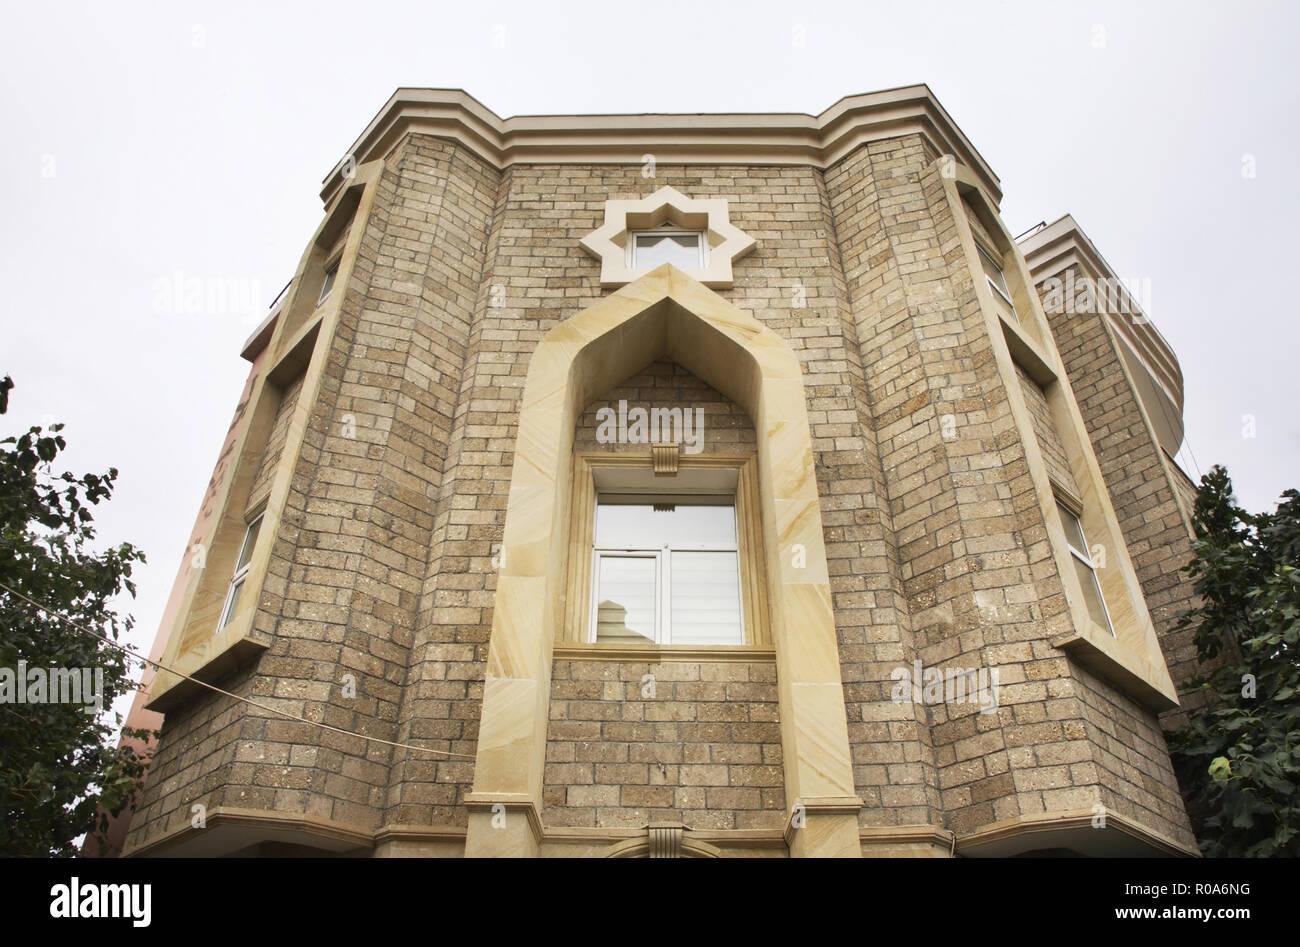 View of Baku. Azerbaijan - Stock Image